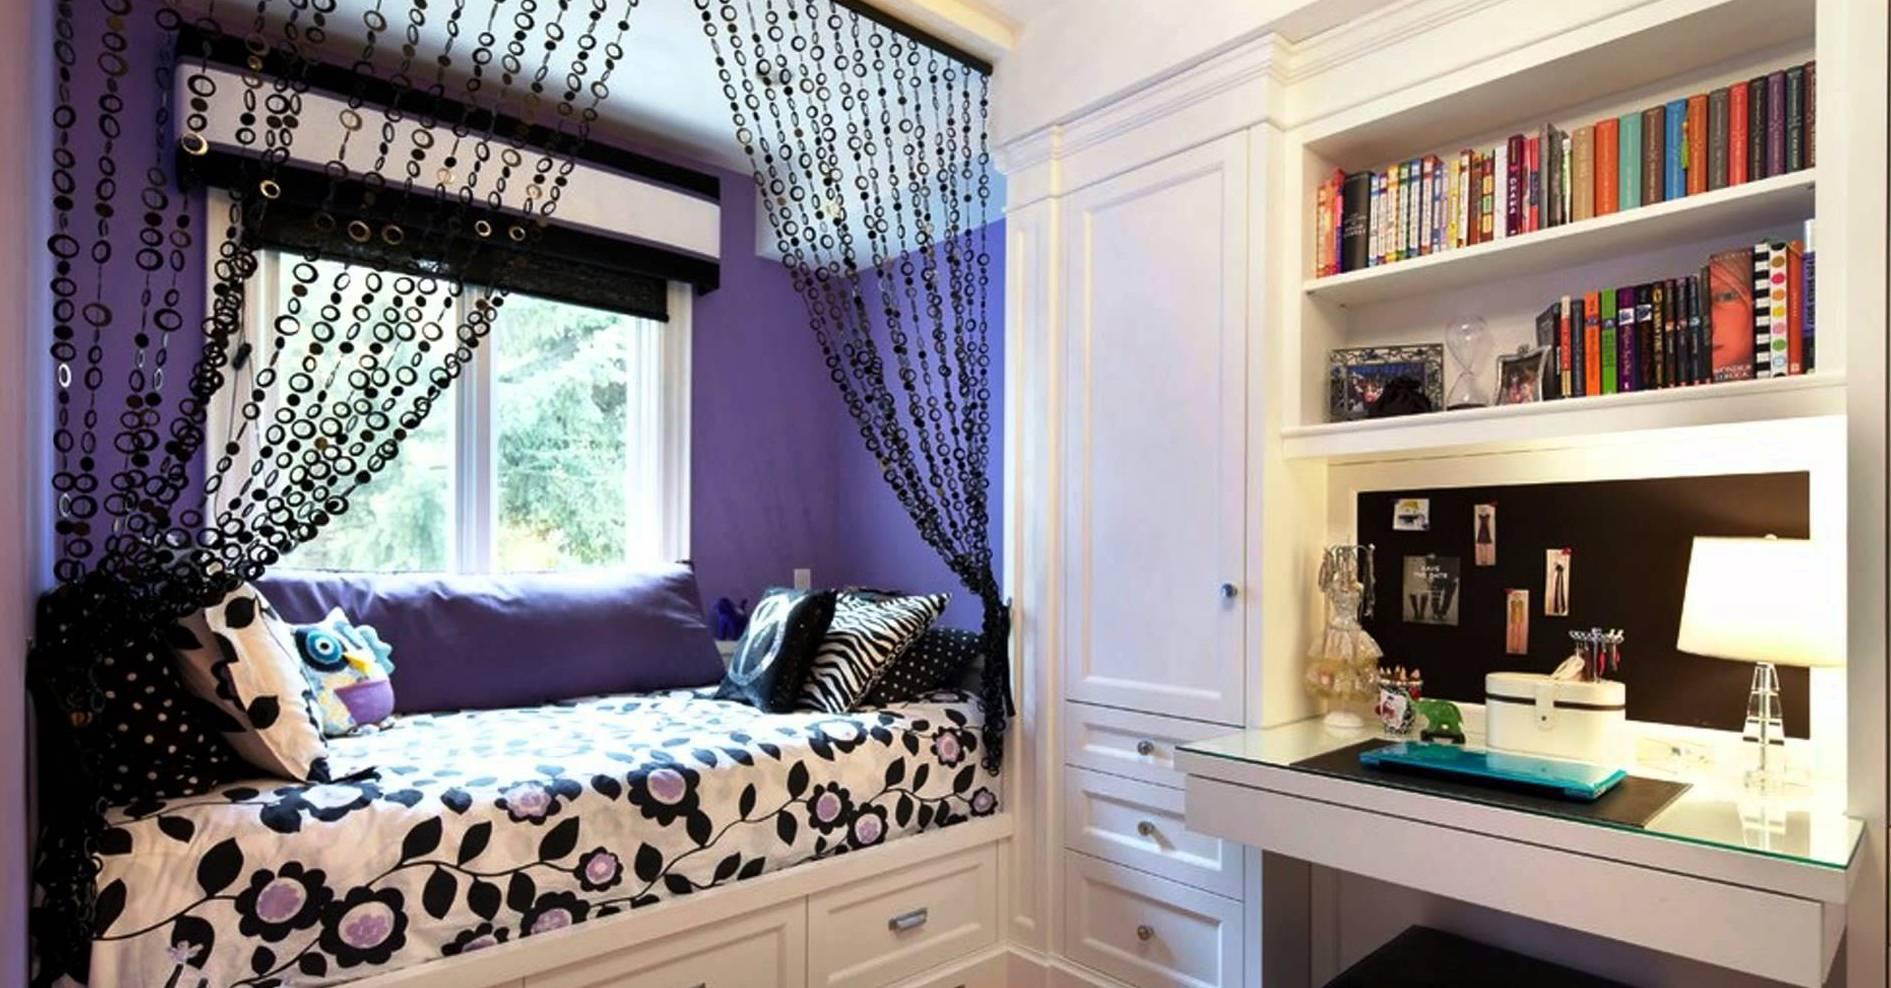 coole deko idee und farbgestaltung in lila und schwarz frs mdchen schlafzimmer - Coole Mdchen Schlafzimmer